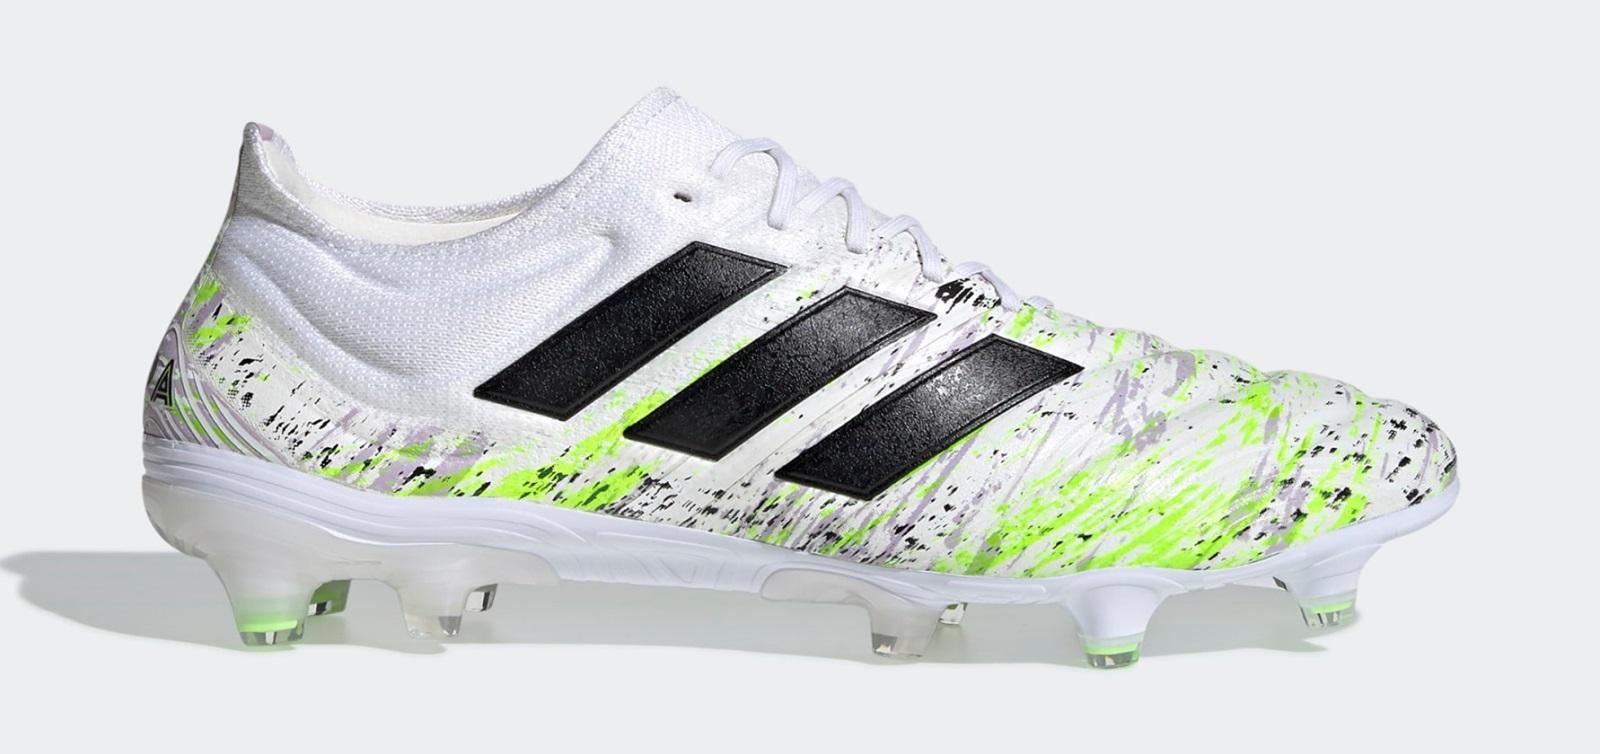 Thiết kế của giày đá banh Adidas Copa 19.1 bản có dây cũng rất đẹp mắt